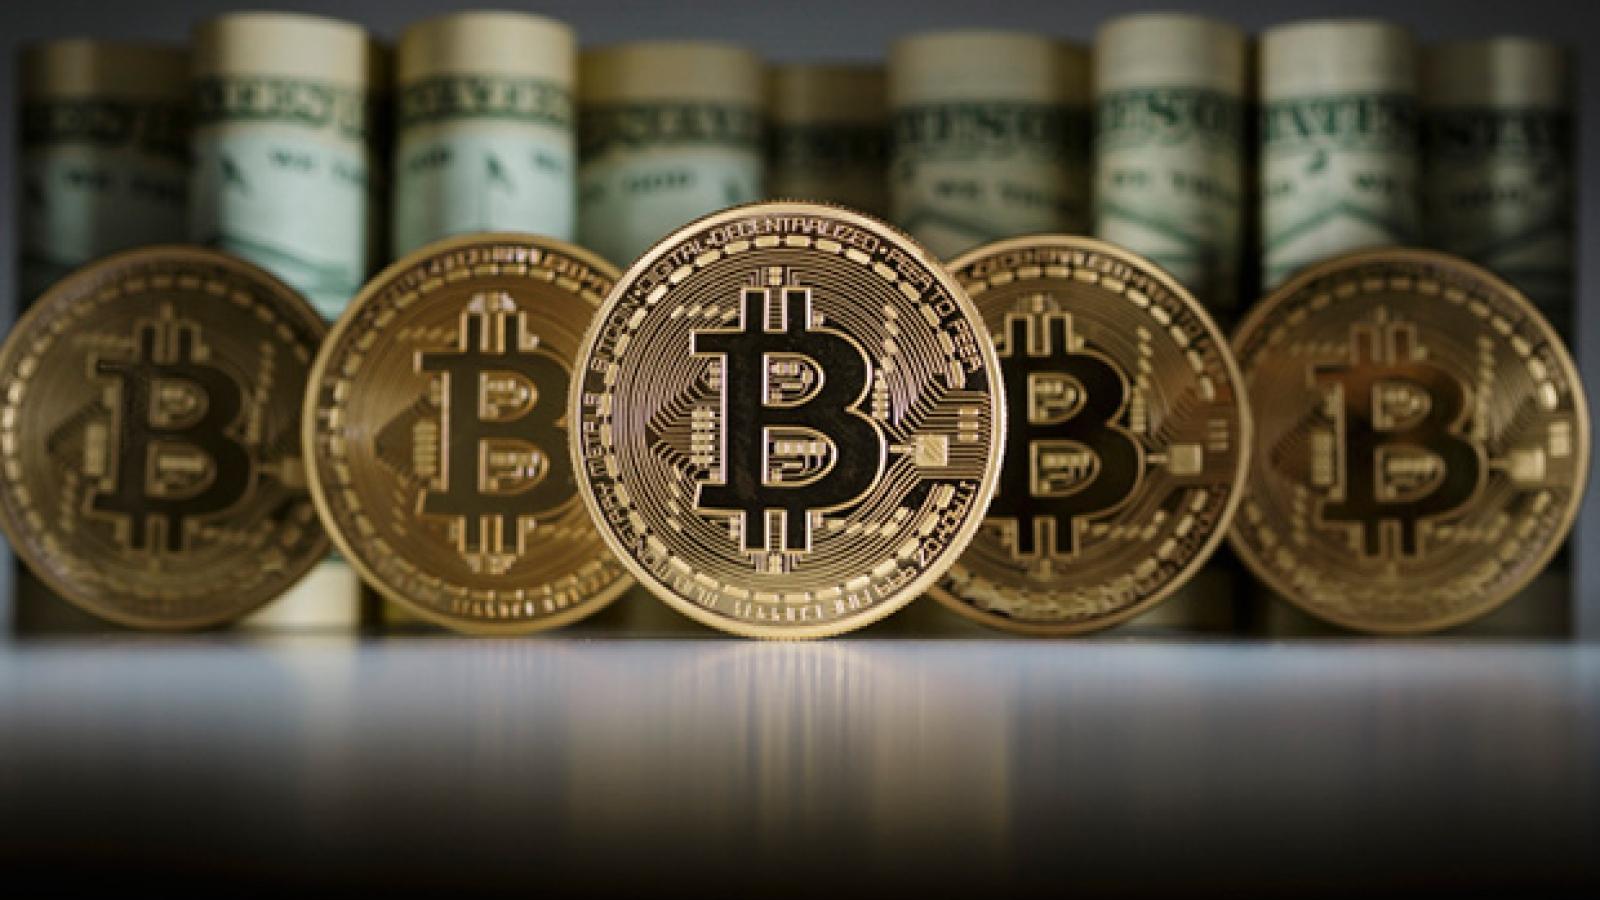 Đồng Bitcoin tăng mạnh, vượt mốc 58.000 USD/Bitcoin